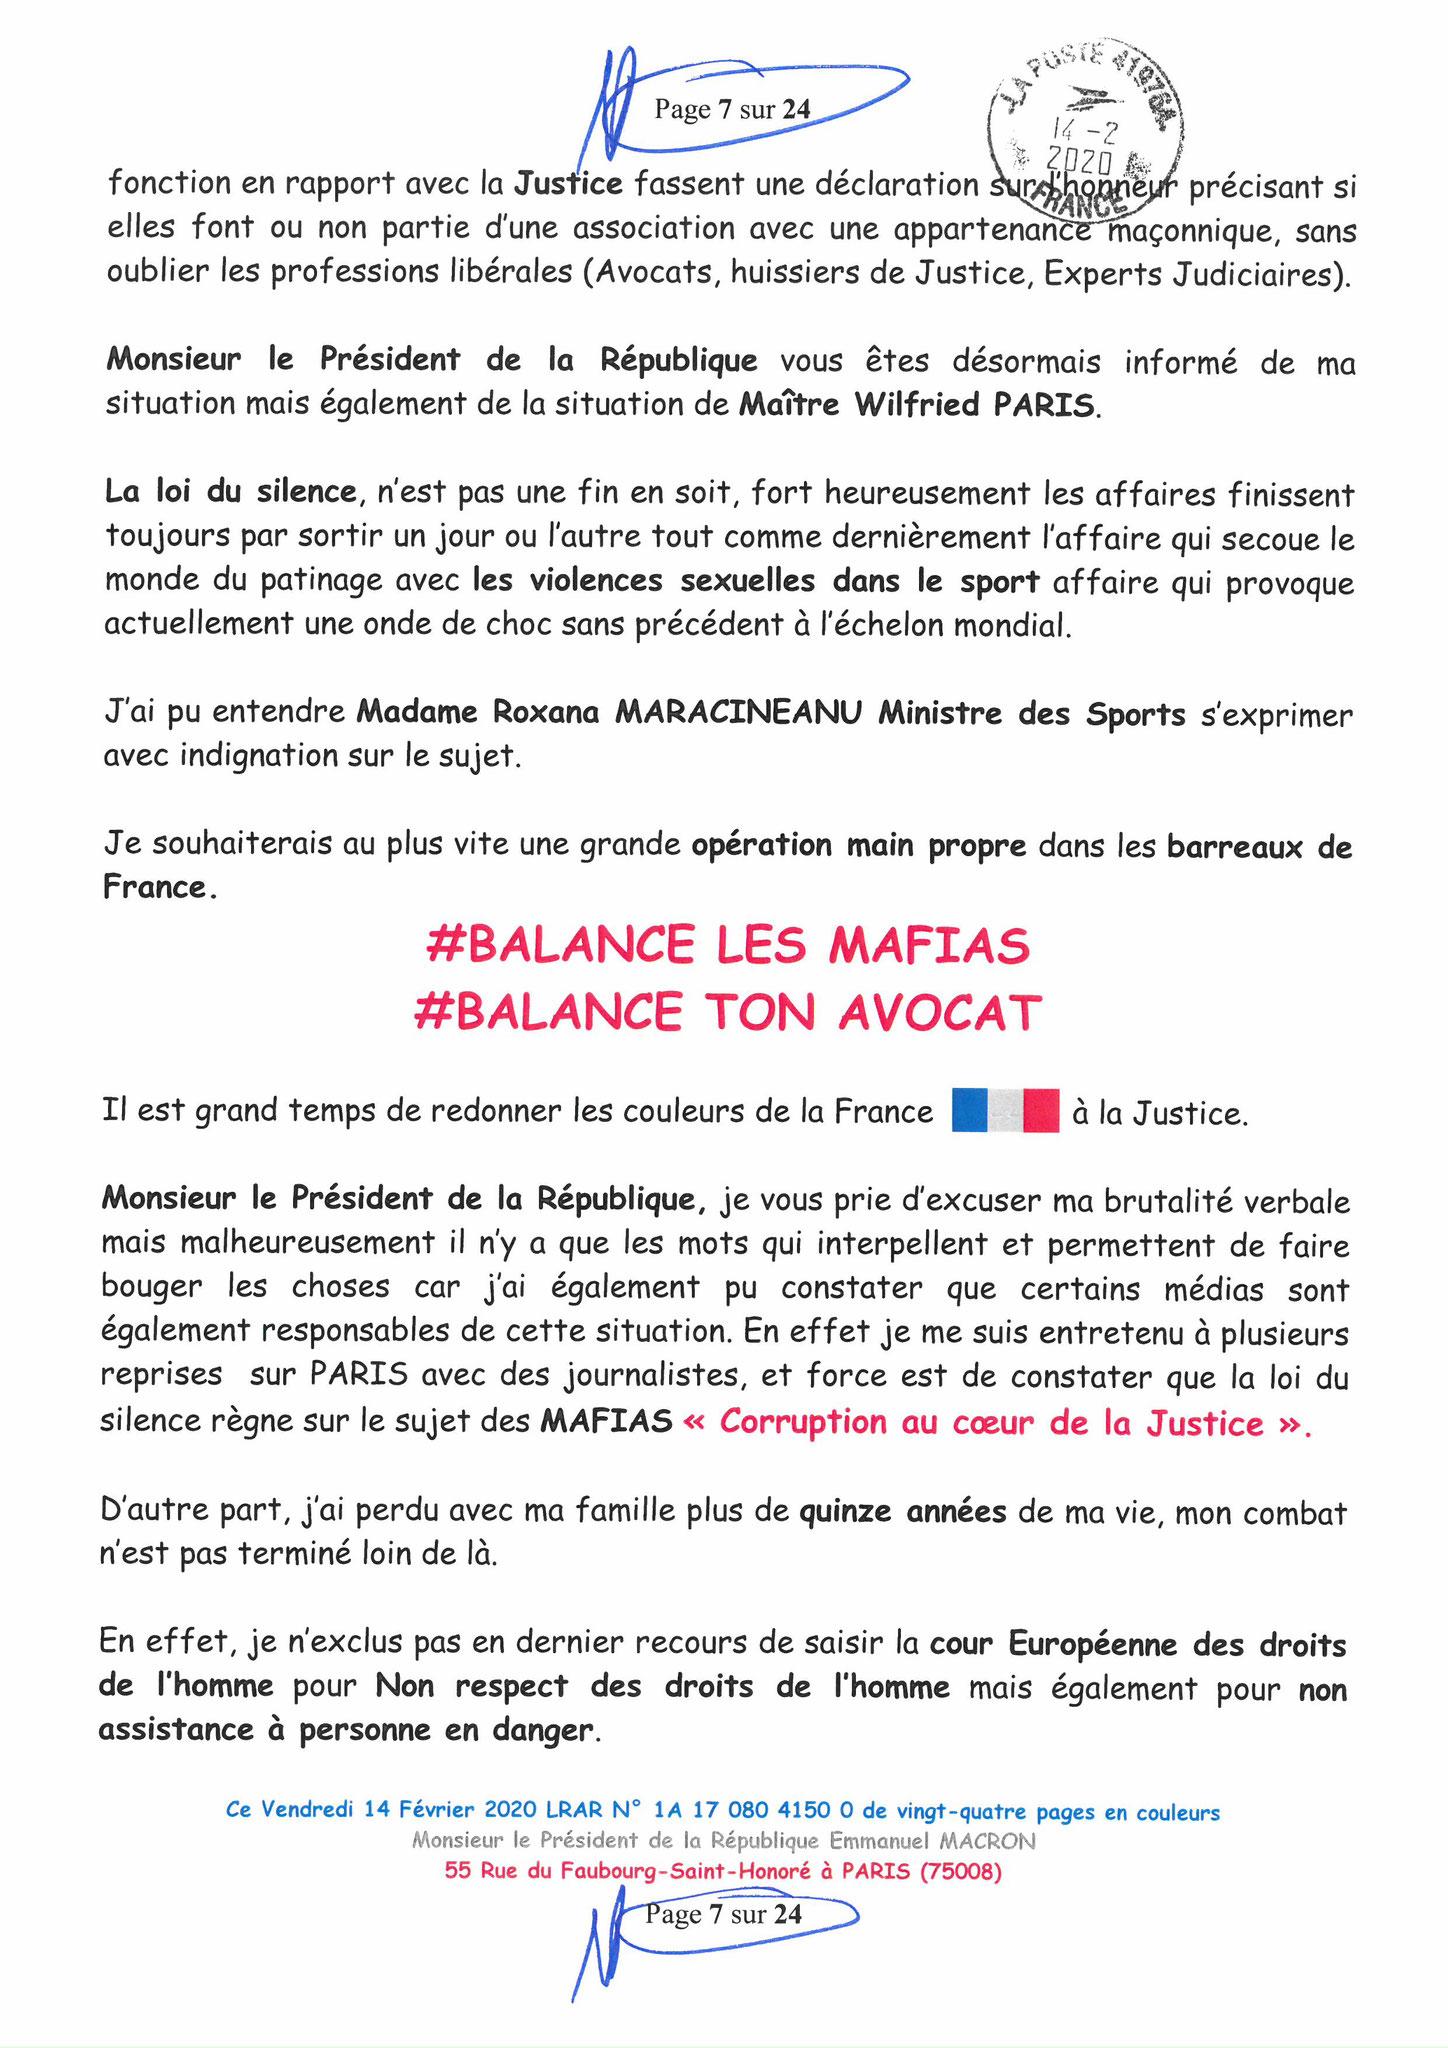 Ma lettre recommandée du 14 Février 2020 N° 1A 178 082 4150 0  page 7 sur 24 en couleur que j'ai adressé à Monsieur Emmanuel MACRON le Président de la République www.jesuispatrick.fr